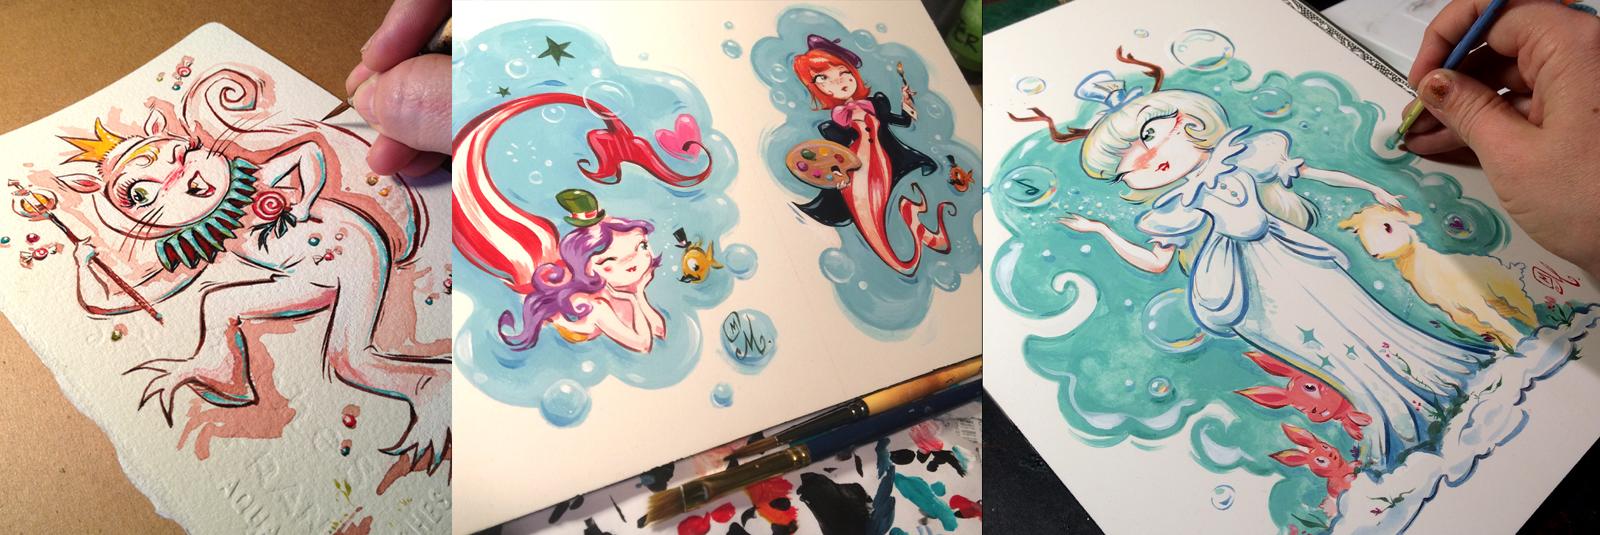 MM_1-art-examples-paintings.jpg